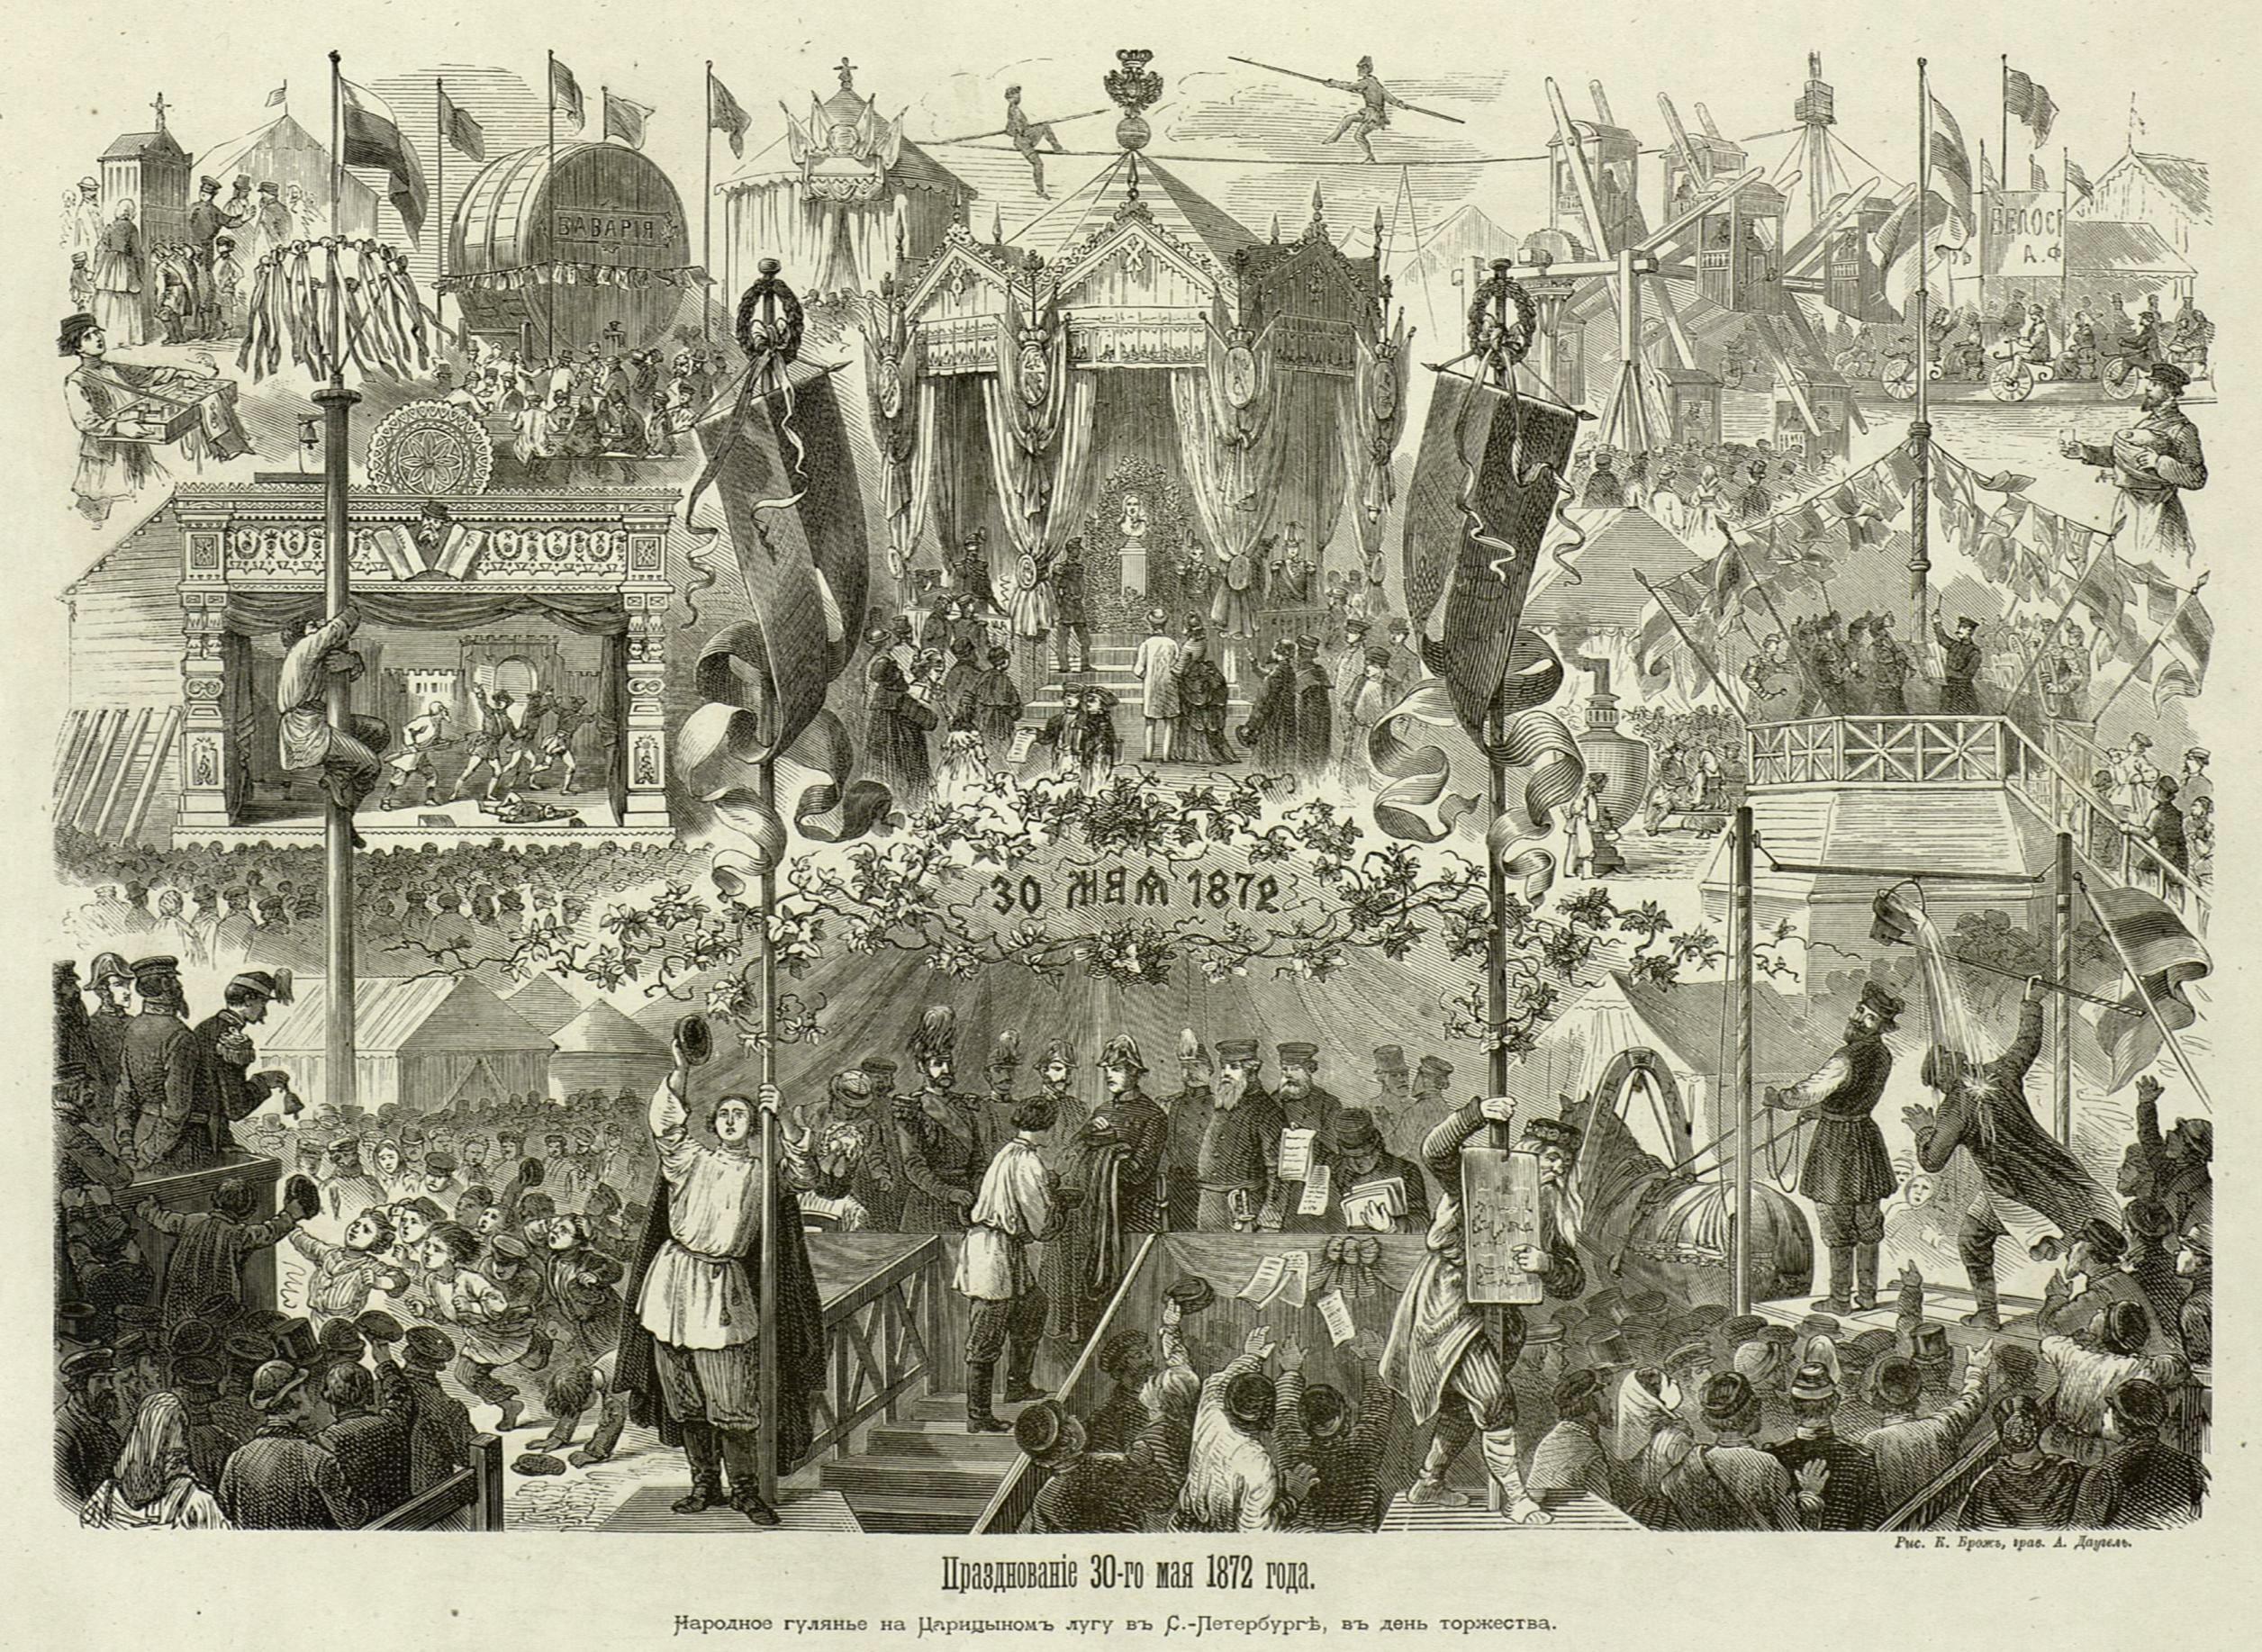 Празднование 200-летнего юбилея Петра I